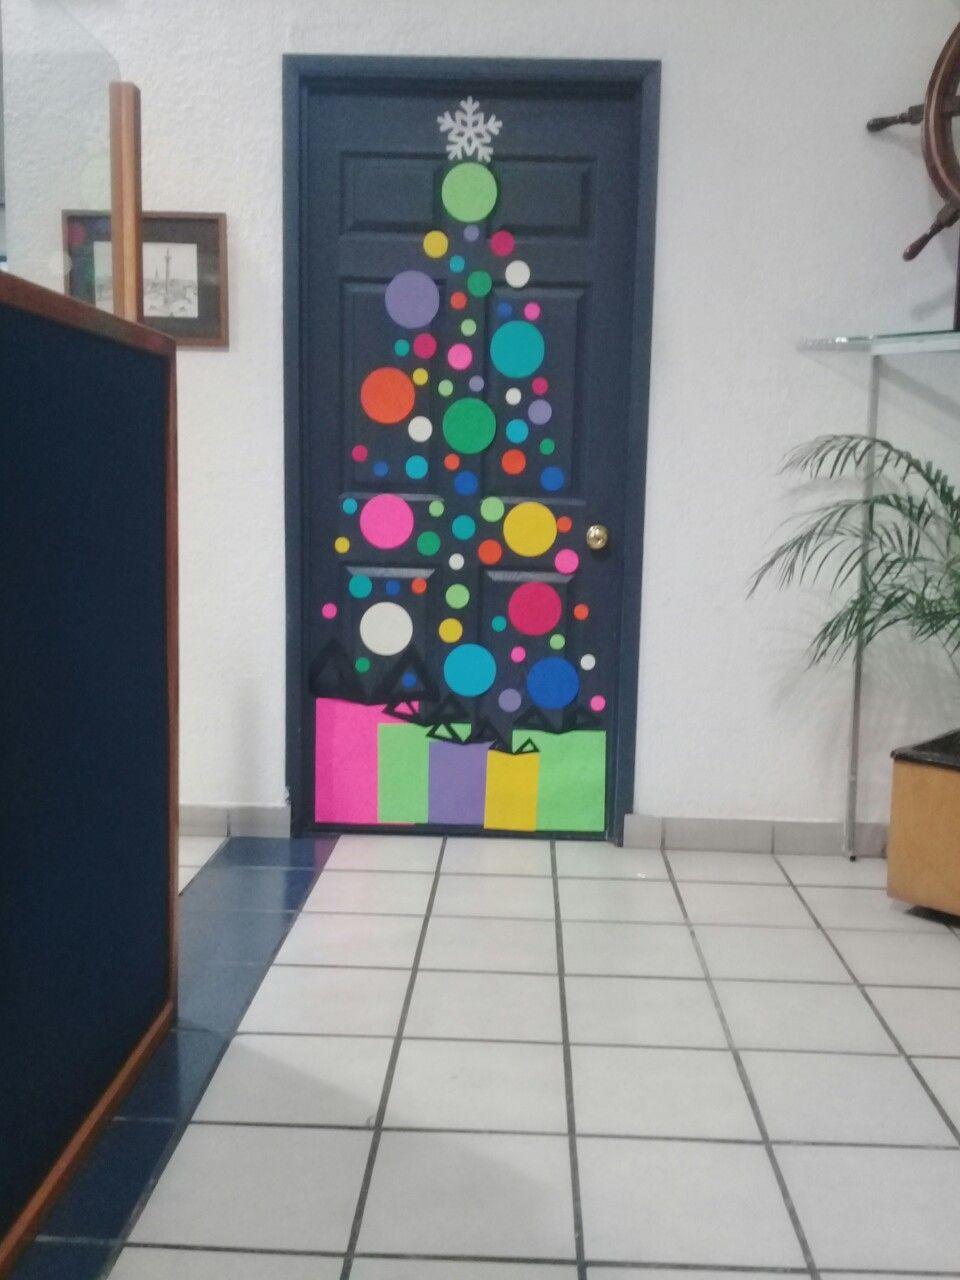 Decorations For Work Classroom Door Decorations Christmas Door Office Christmas Decorations Door Decorations Classroom Christmas Christmas Classroom